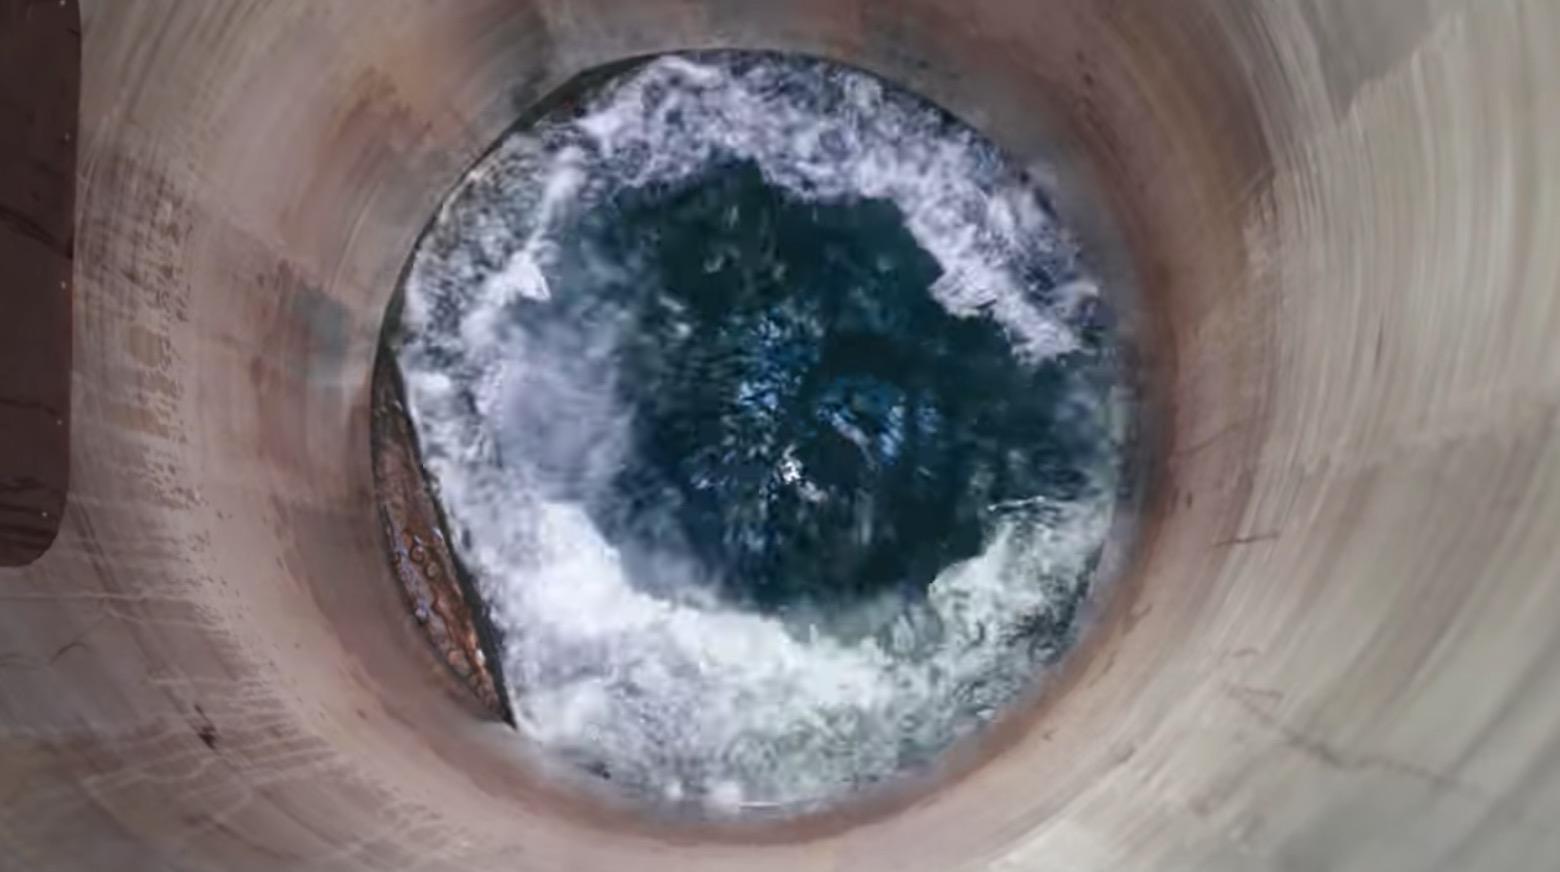 健軍水源地に行ってきた!熊本水遺産に指定されている地域遺産に行ってみらんね?